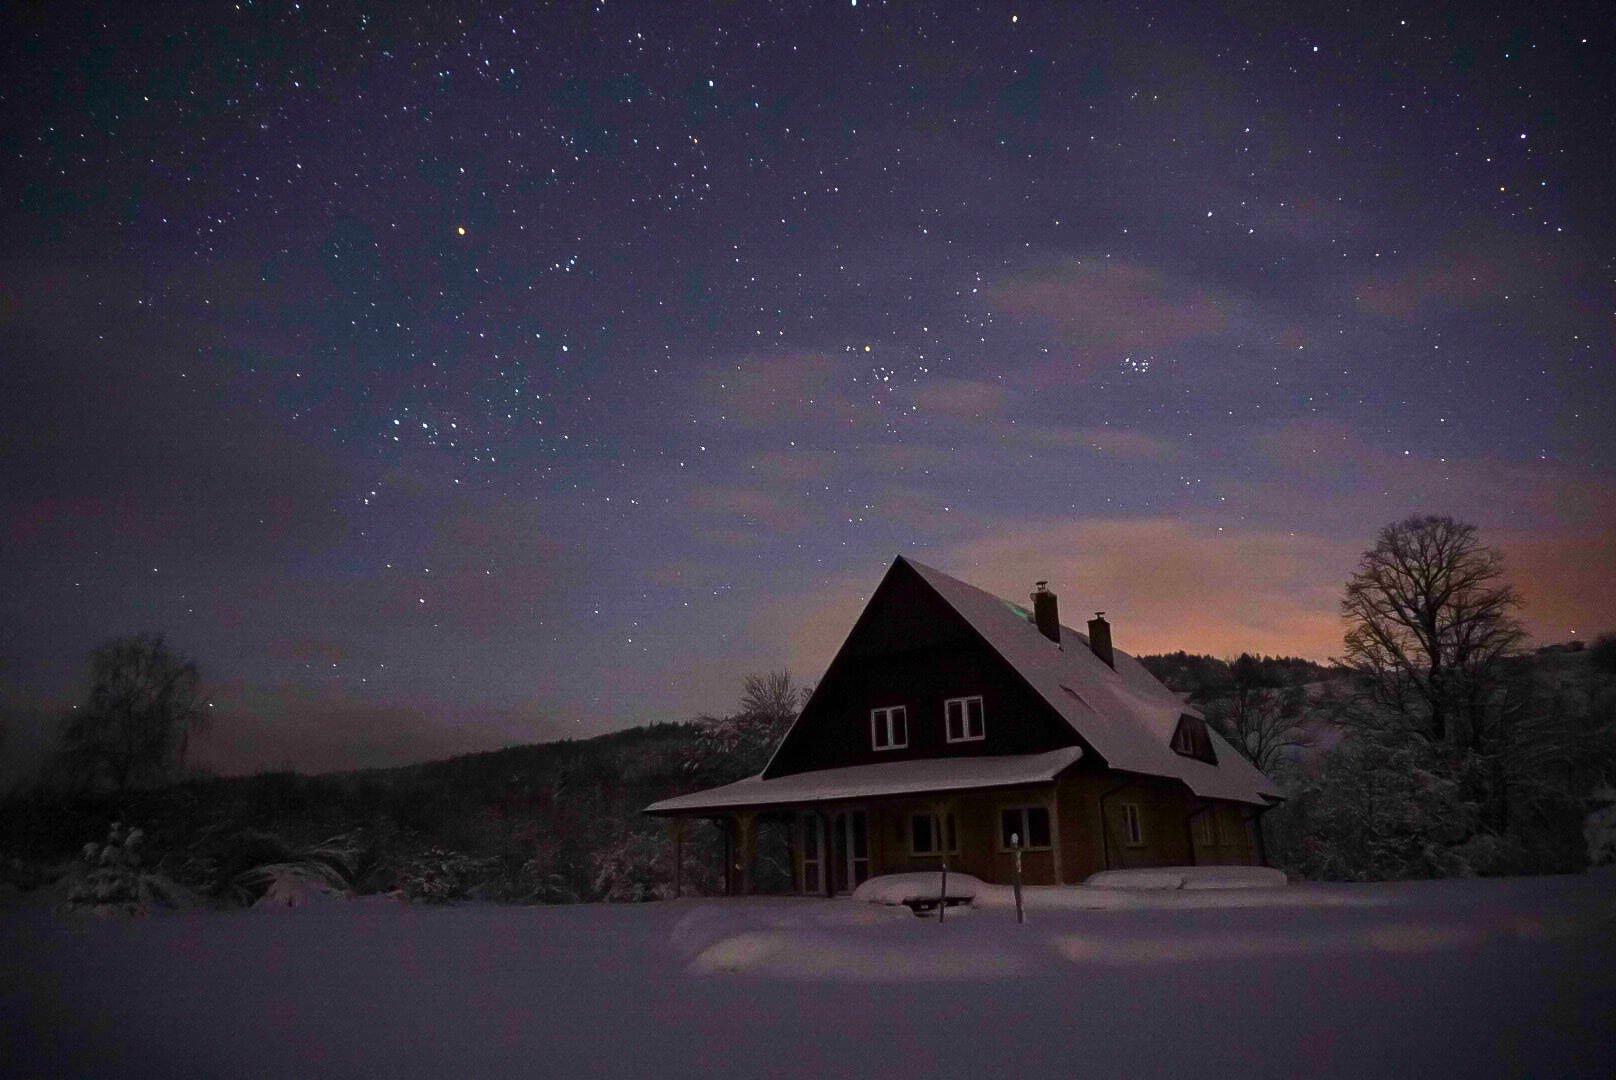 Nocne, zimowe niebo wfotografii Adama 5